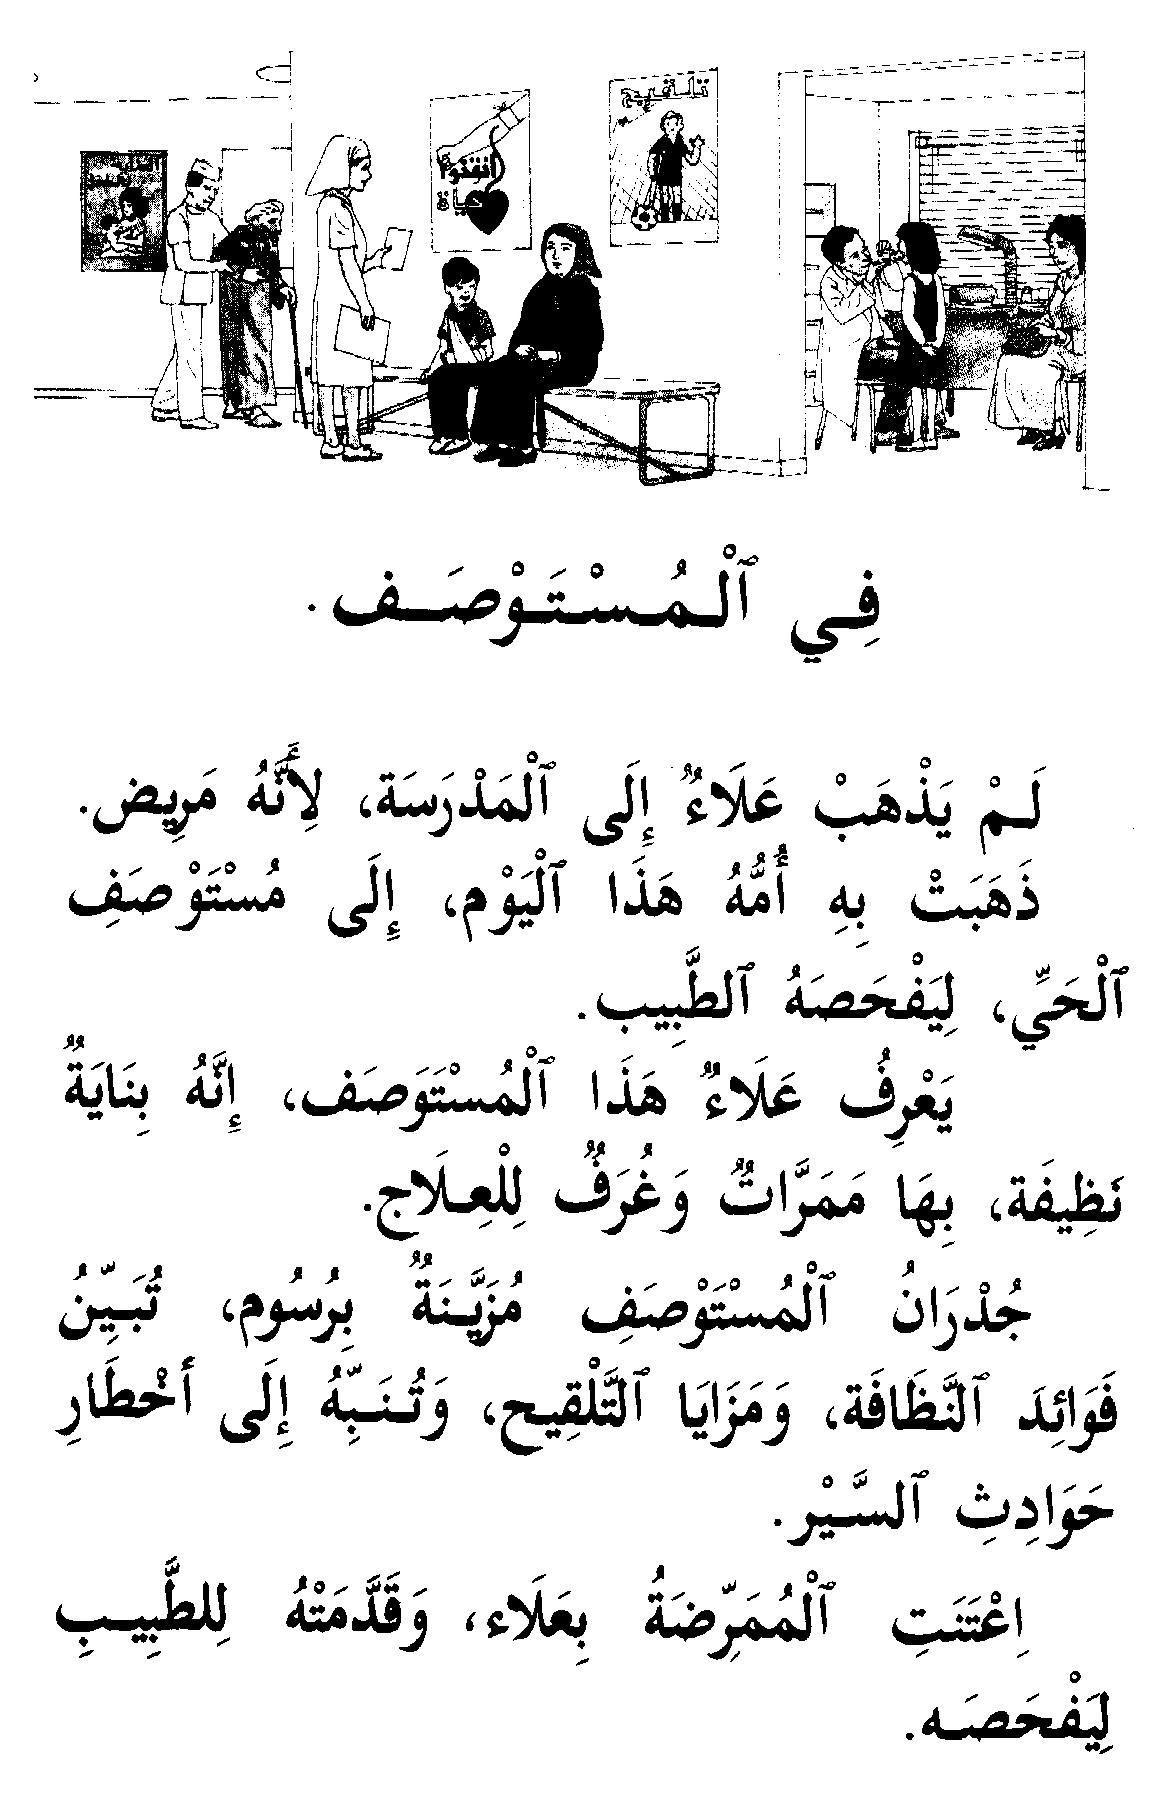 Anftext05 Jpg 1 176 1 818 Pixel Learning Arabic Learn Arabic Online Arabic Phrases [ 1818 x 1176 Pixel ]